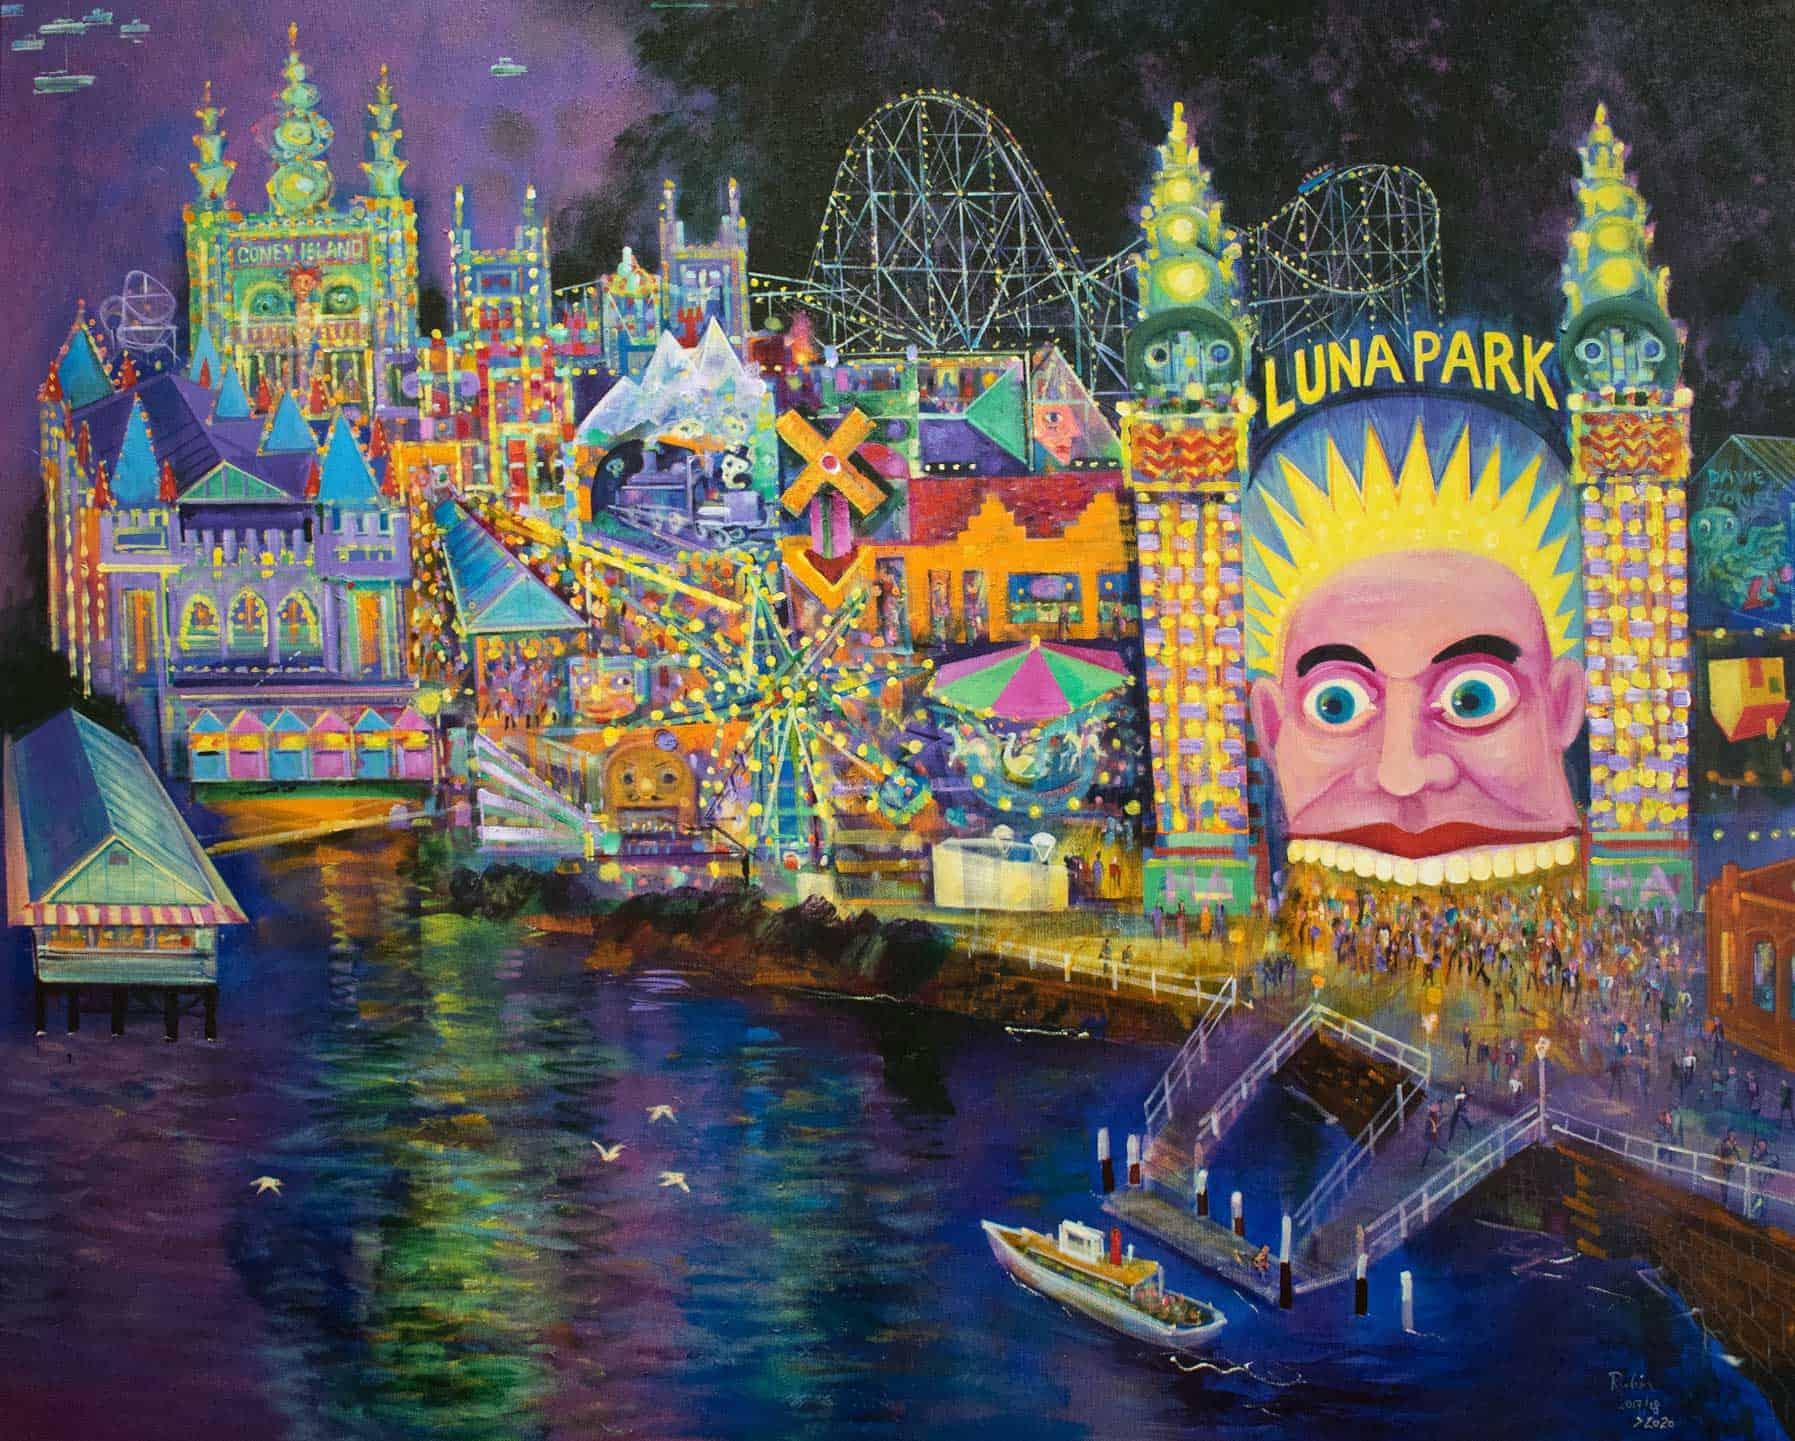 Victor Rubin - Luna Park 2 Revisited